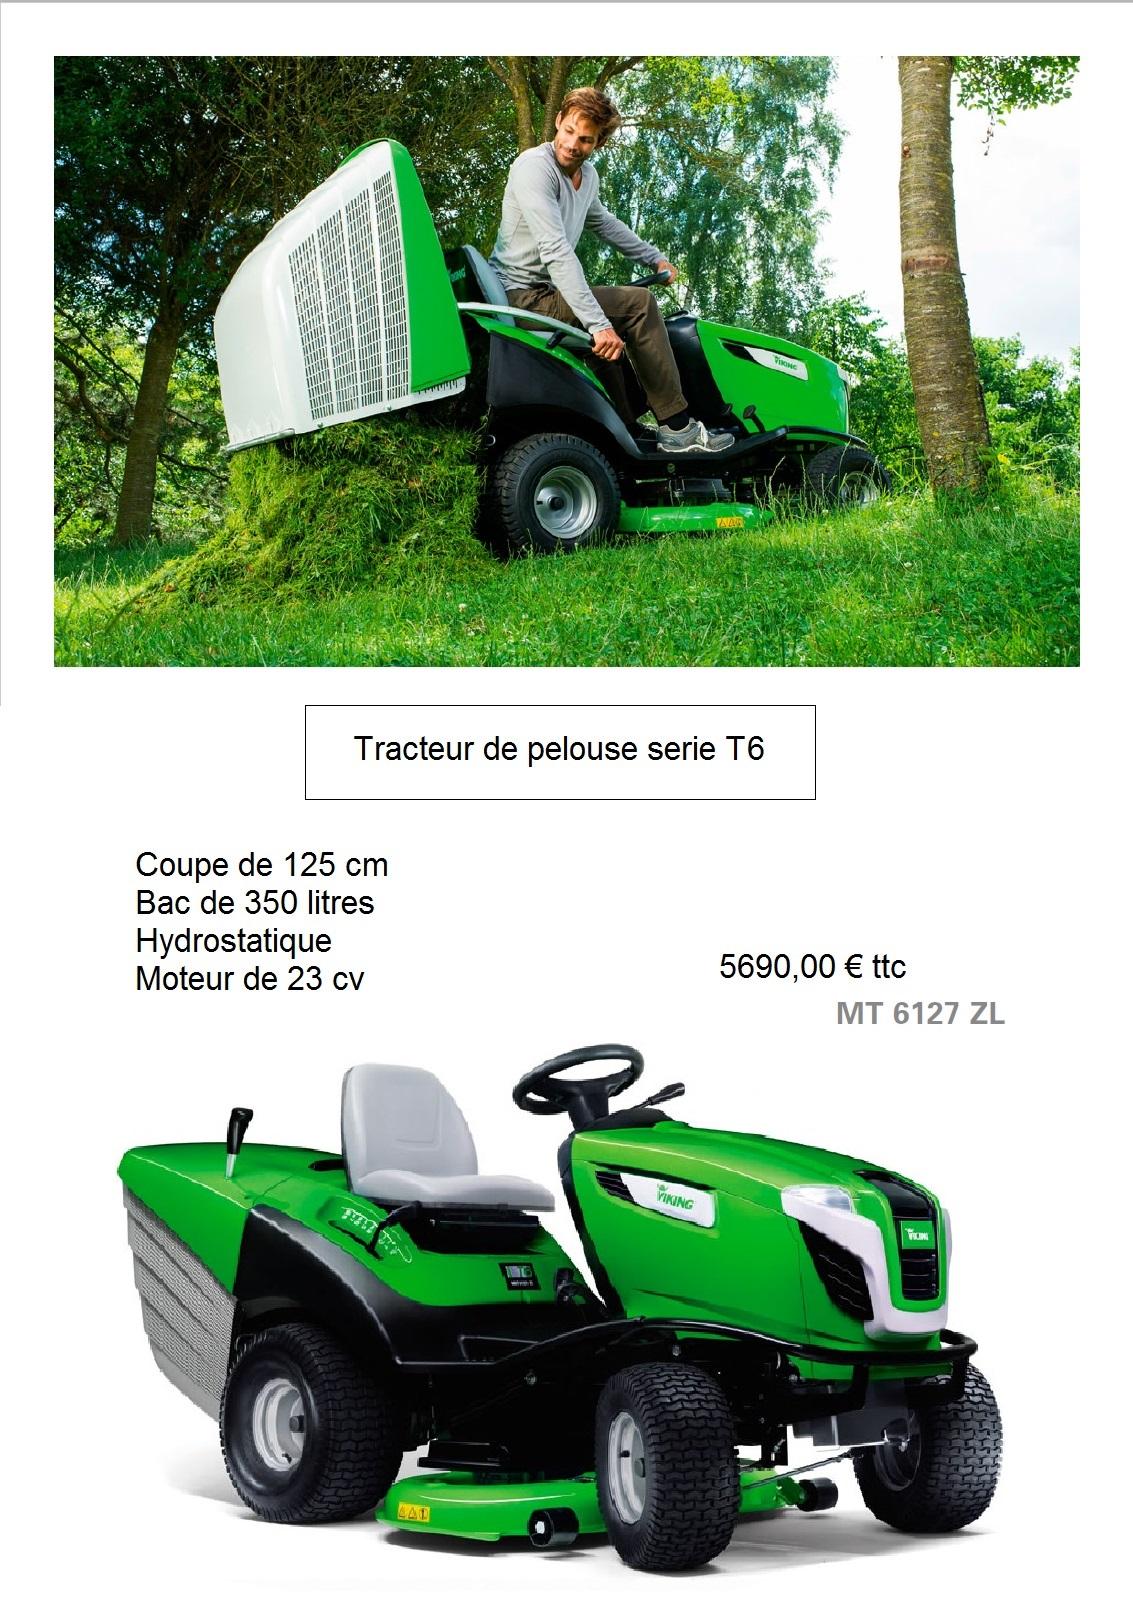 Tracteur de pelouse - www.bullentini.motoculture.com 04